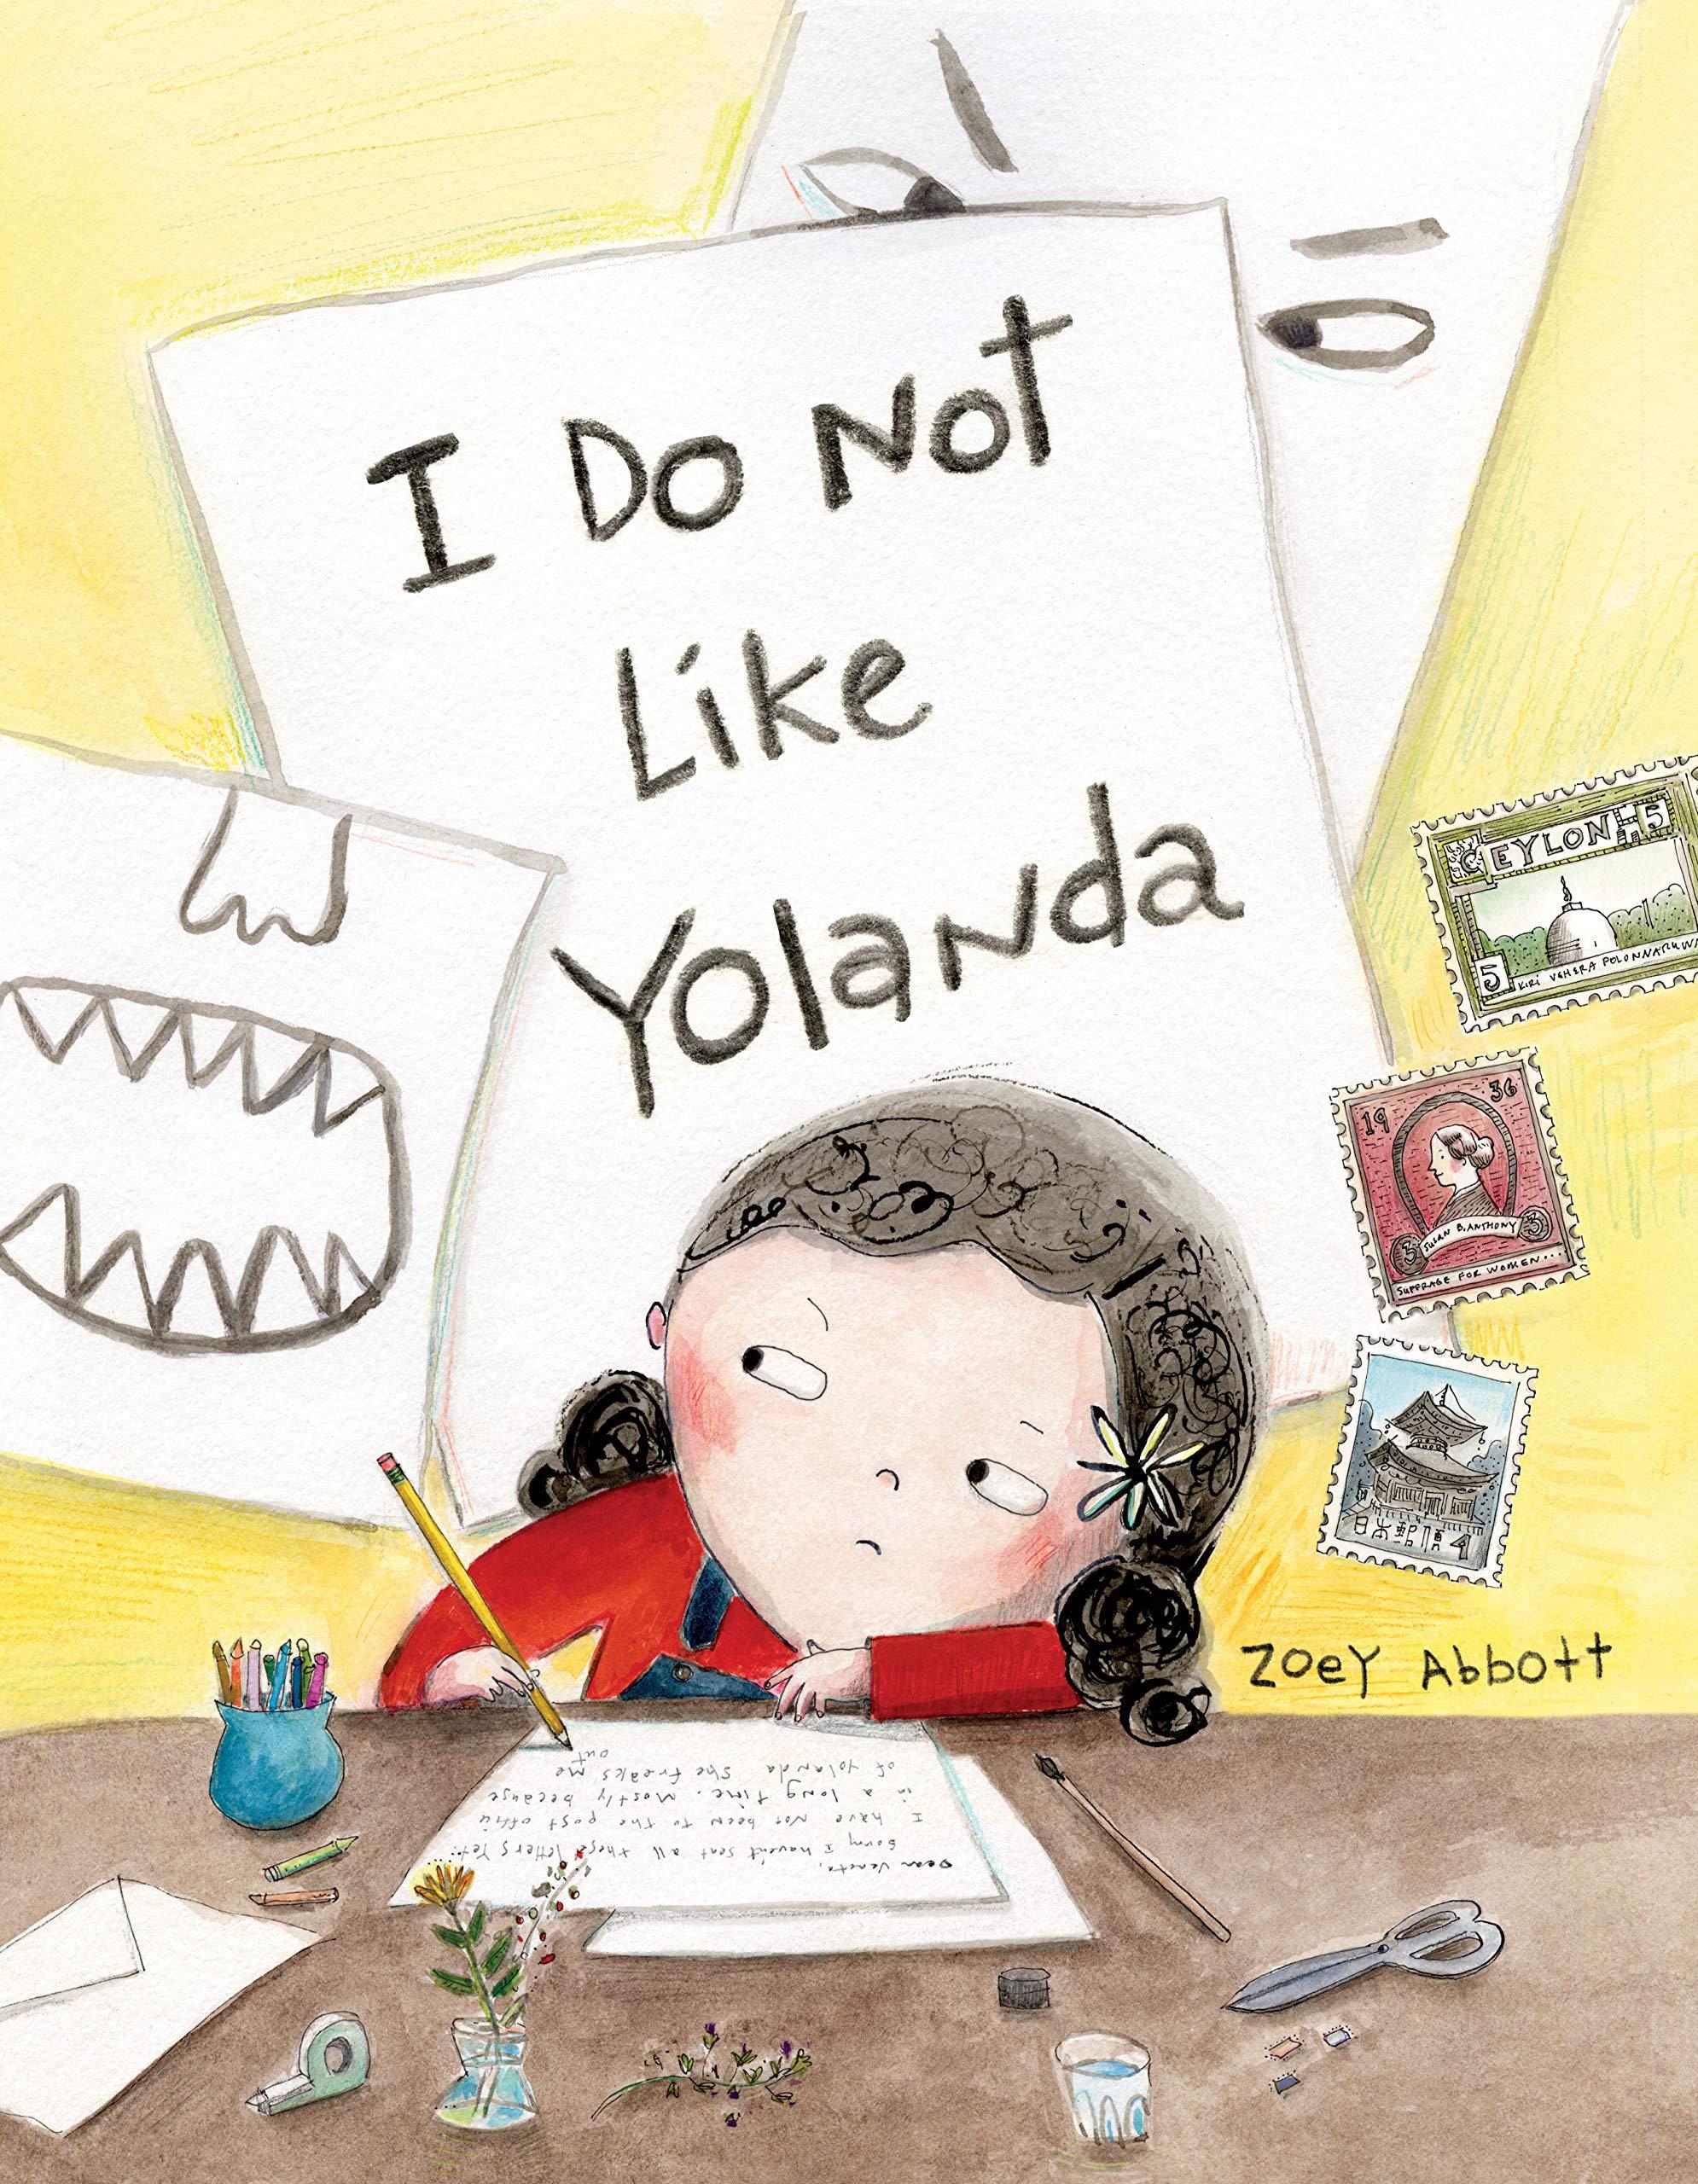 I Do Not Like Yolanda: Abbott, Zoey: 9780735266513: Amazon.com: Books